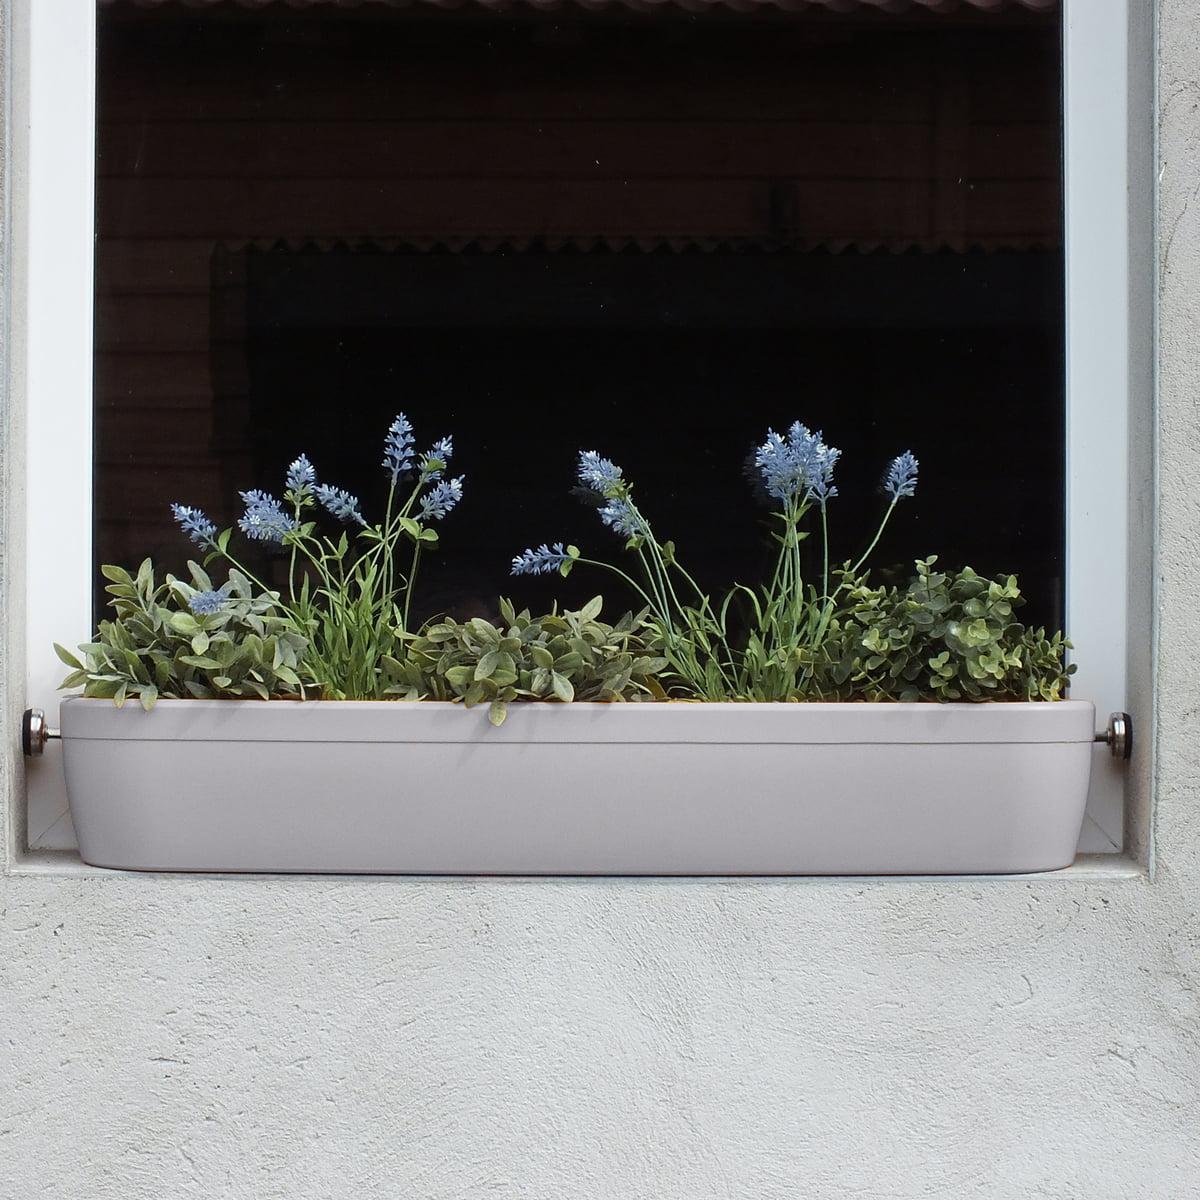 jardini re pour rebord de fen tre de rephorm. Black Bedroom Furniture Sets. Home Design Ideas